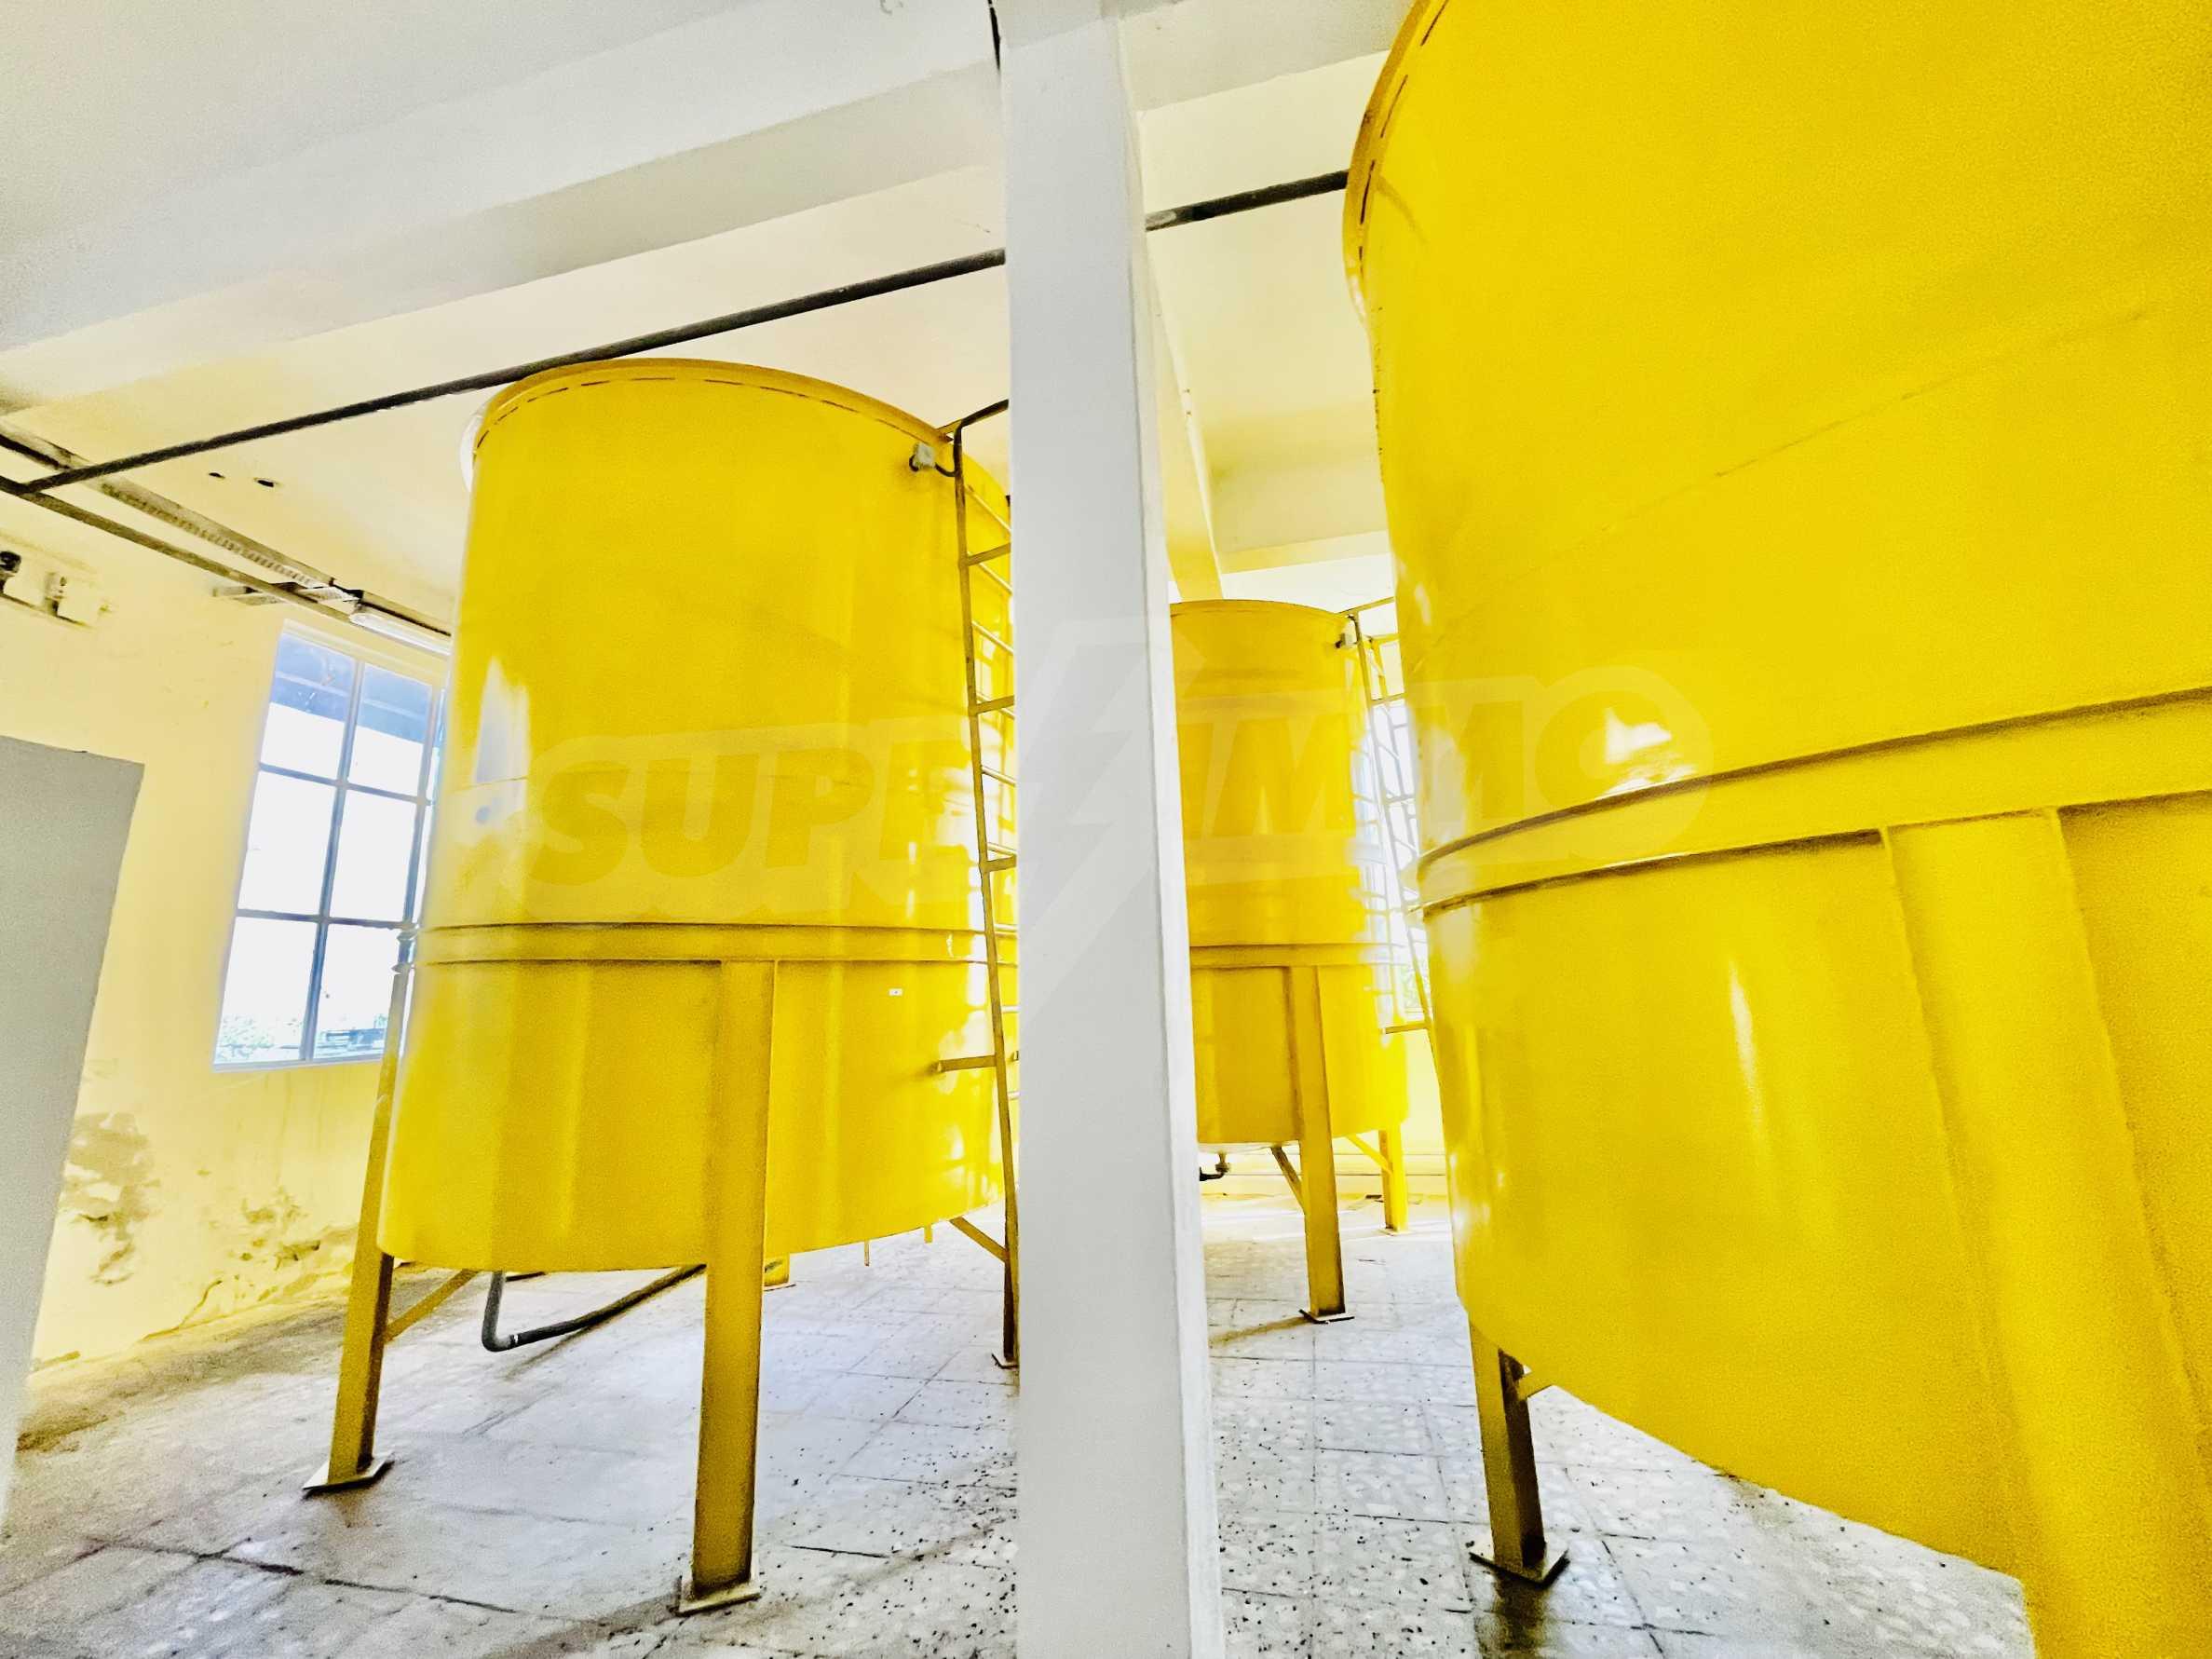 Factory for sale near Veliko Tarnovo 9